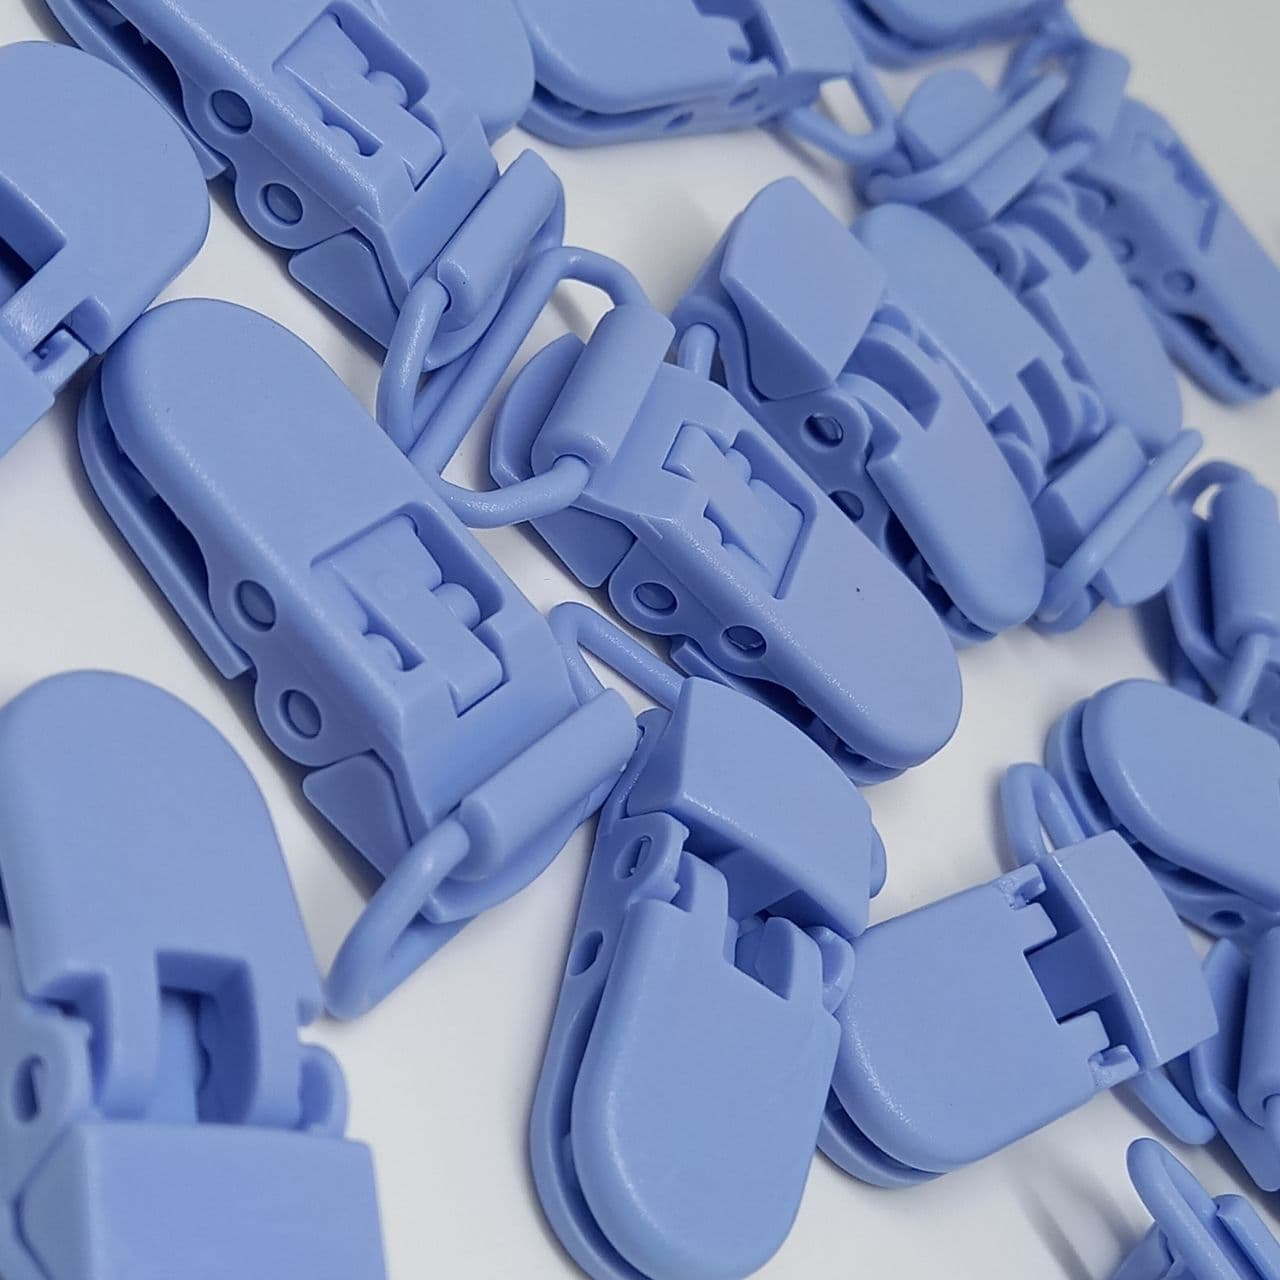 Prendedor de chupeta boca de jacaré azul caribe  38x9mm / unidade